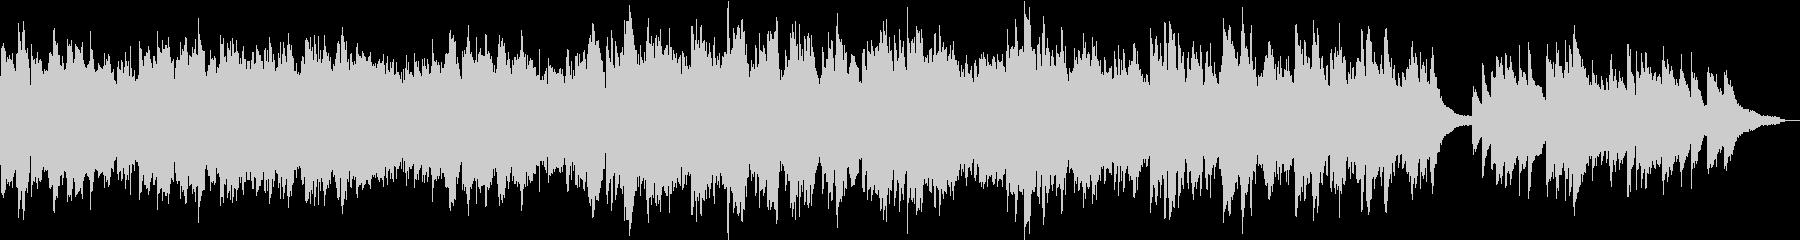 ピアノ・ストリングス/癒しおやすみBGMの未再生の波形